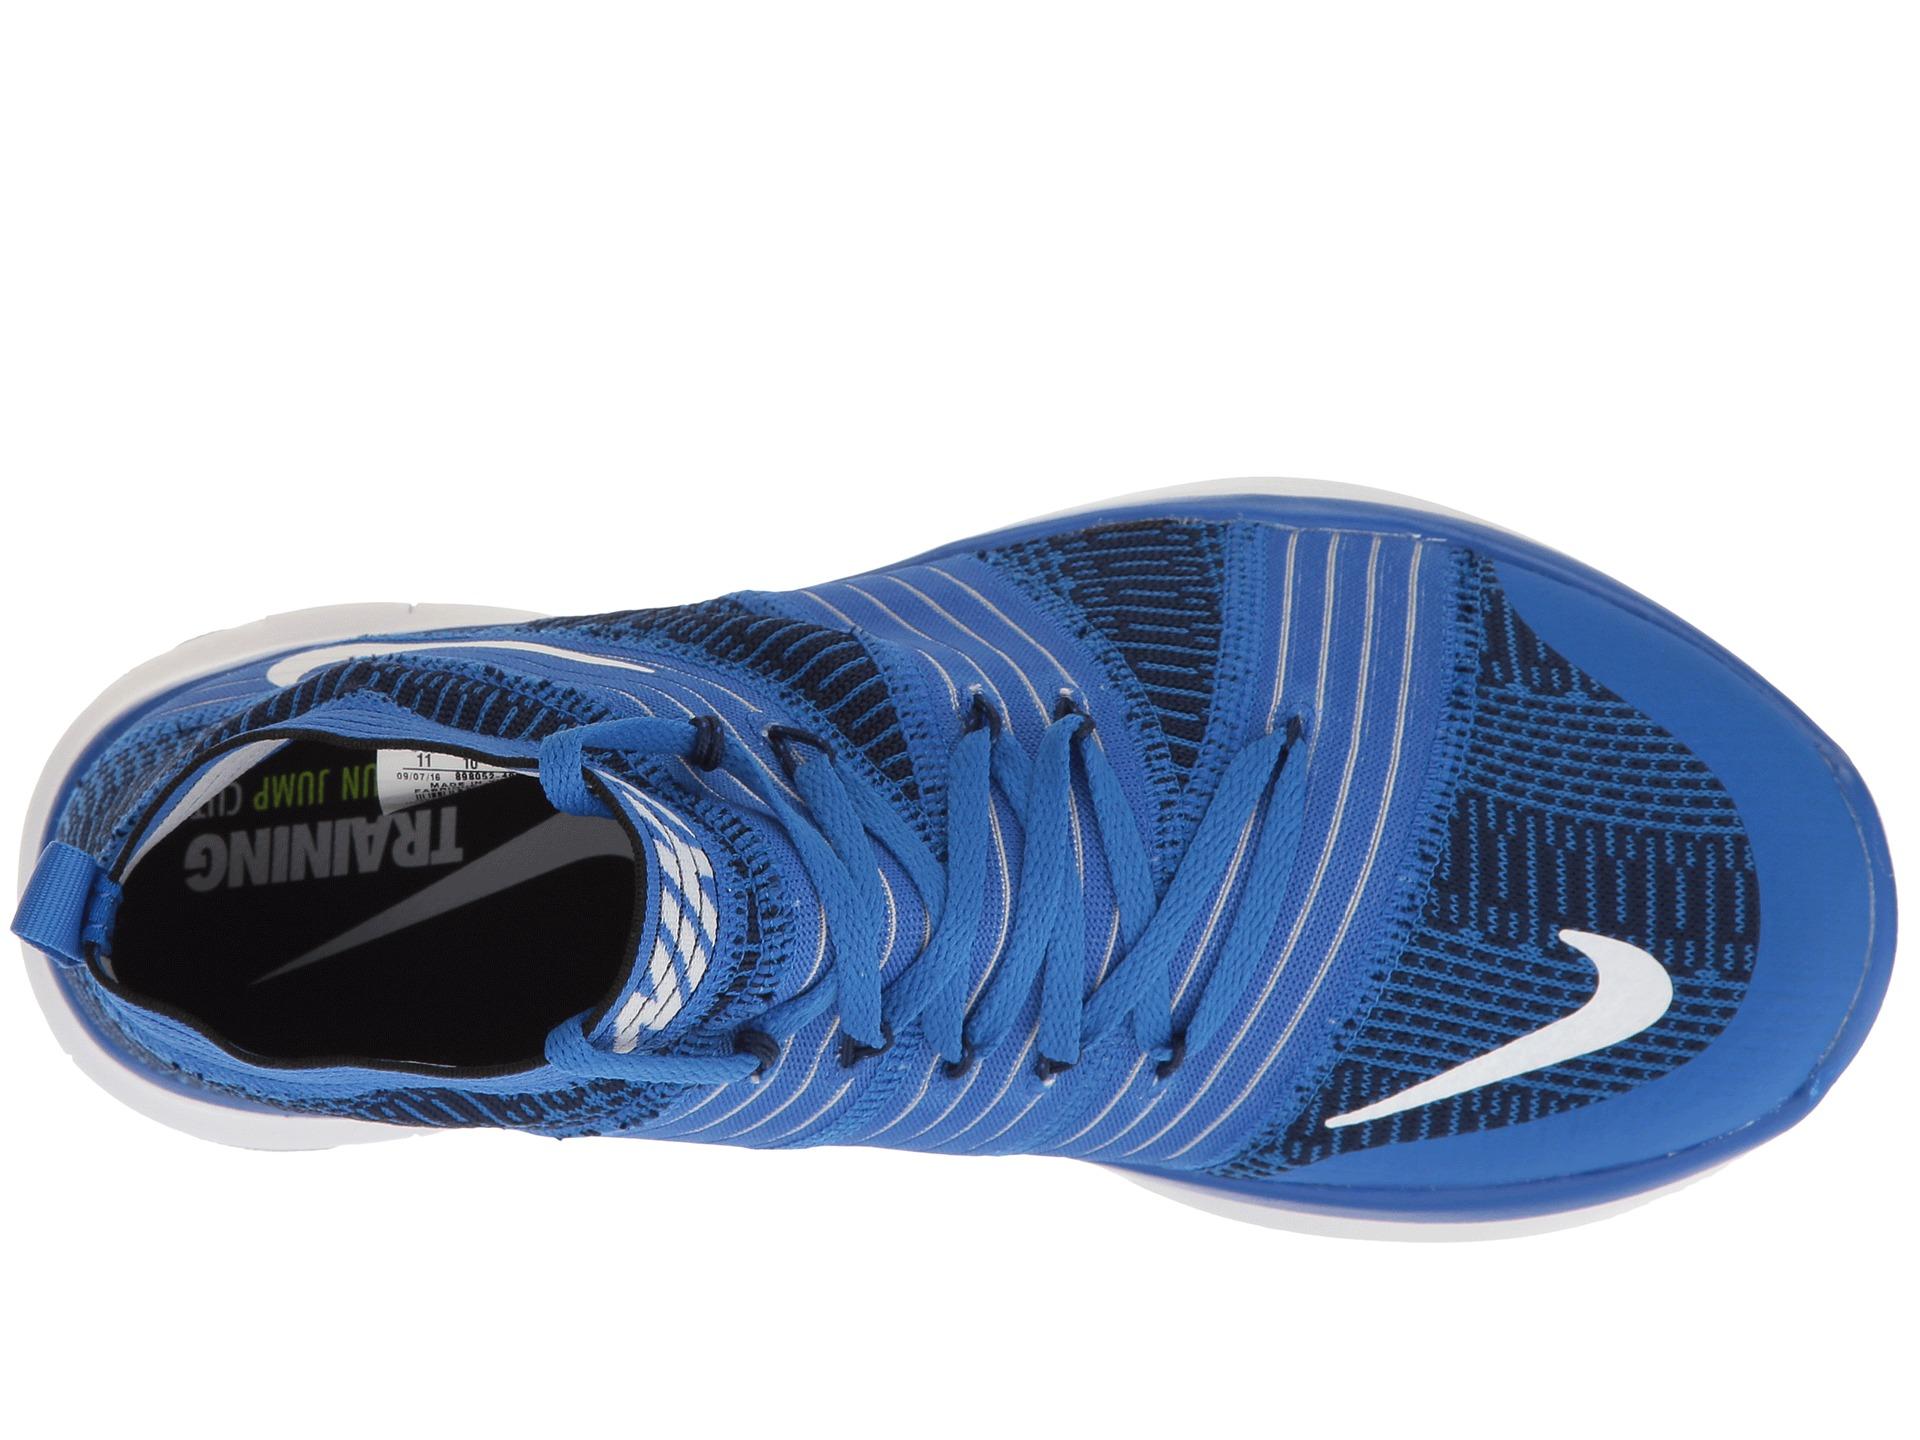 a2799c36f0e58 Nike Air Foamposite Pro Performance Review New Jordans 2018